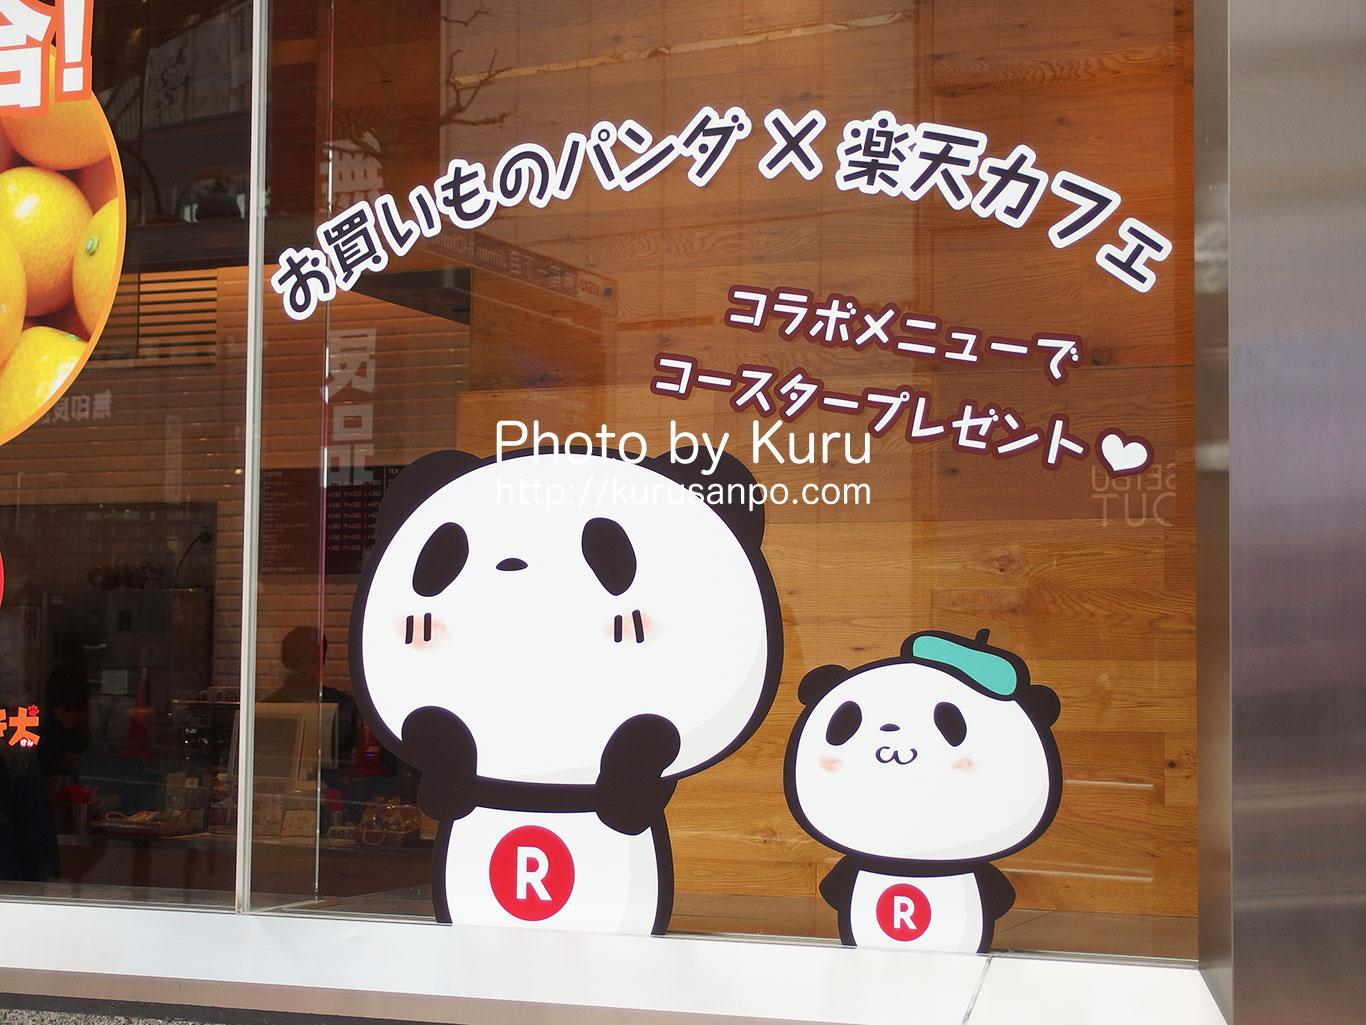 渋谷・楽天カフェ『お買い物パンダセット』